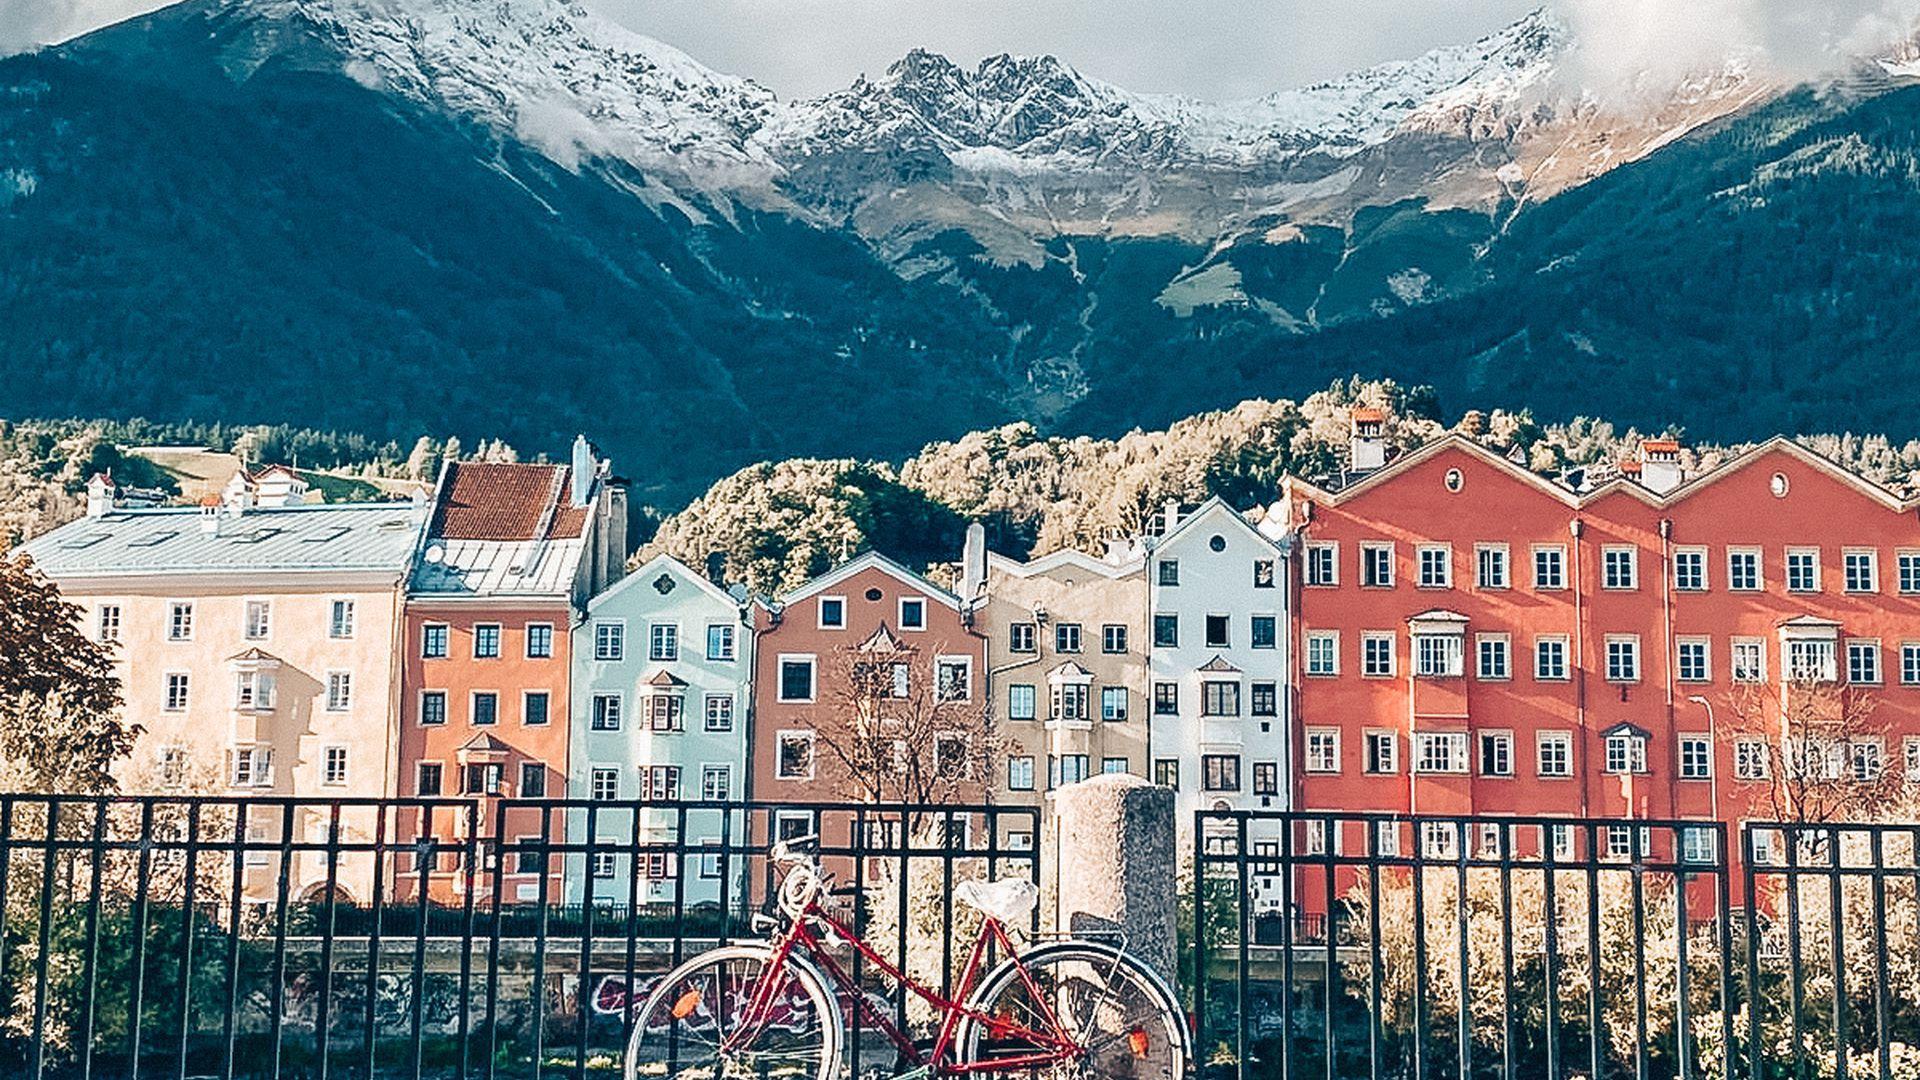 Инсбрук: истории, панорамные фото-локации и вкуснейшие кафе!